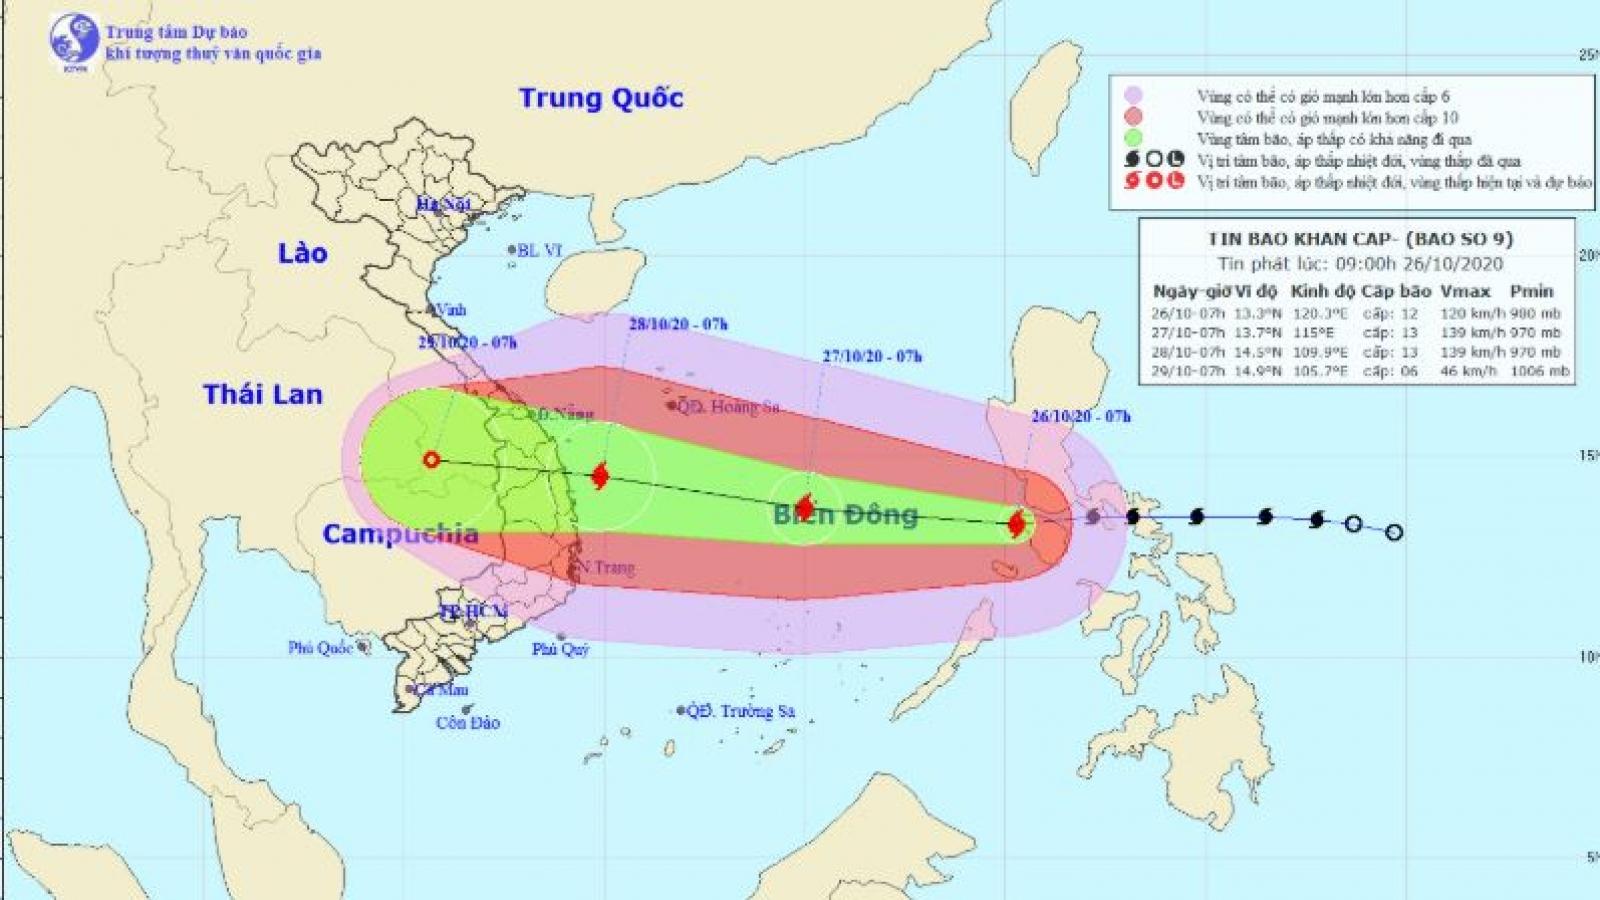 Bão số 9 vào biển Đông, dự báo sẽ vào vùng biển từ Đà Nẵng đến Phú Yên